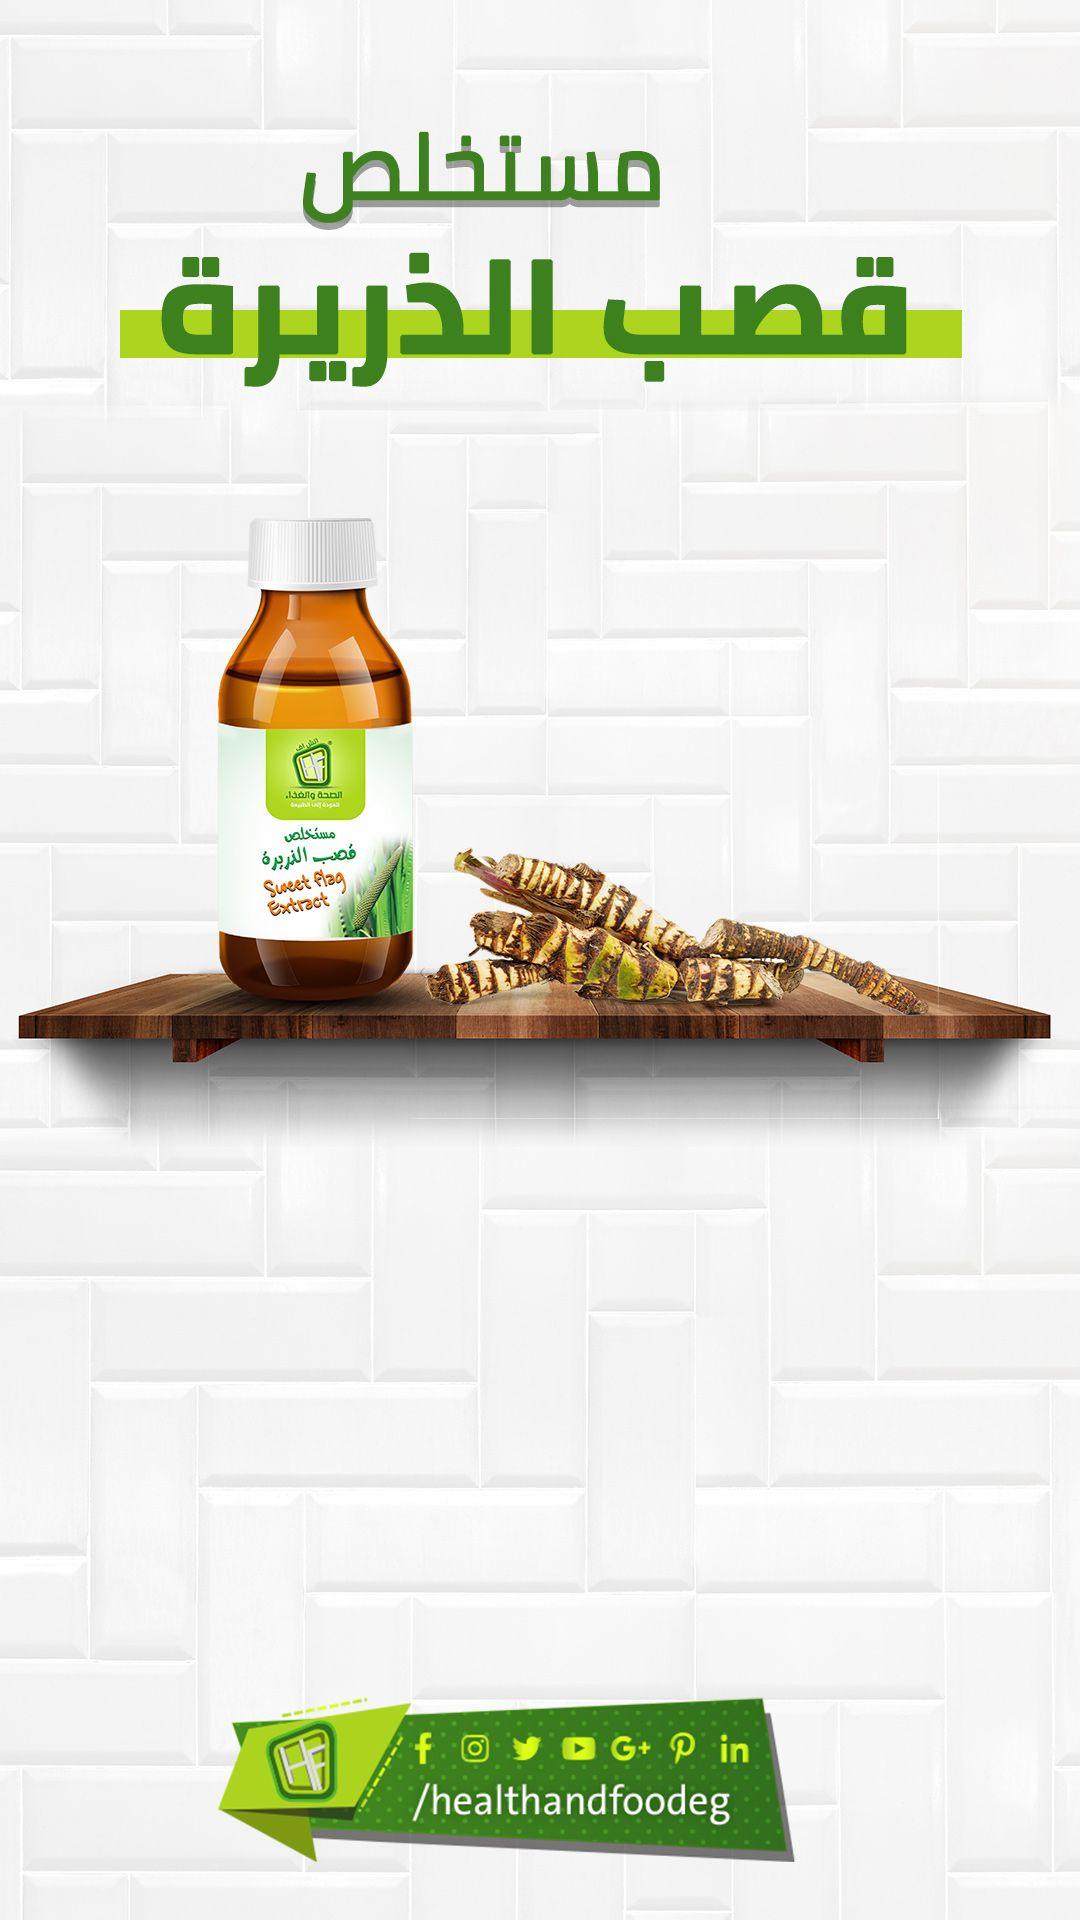 القلم الهندي نبات قصب الذريرة المعروف ب أسم القلم الهندي بيتم استخدام جذوره في صناعة الأدوية العلاجية ومن زمن الزمن تم استخدامه في العلاج بالمستخل Bath Caddy